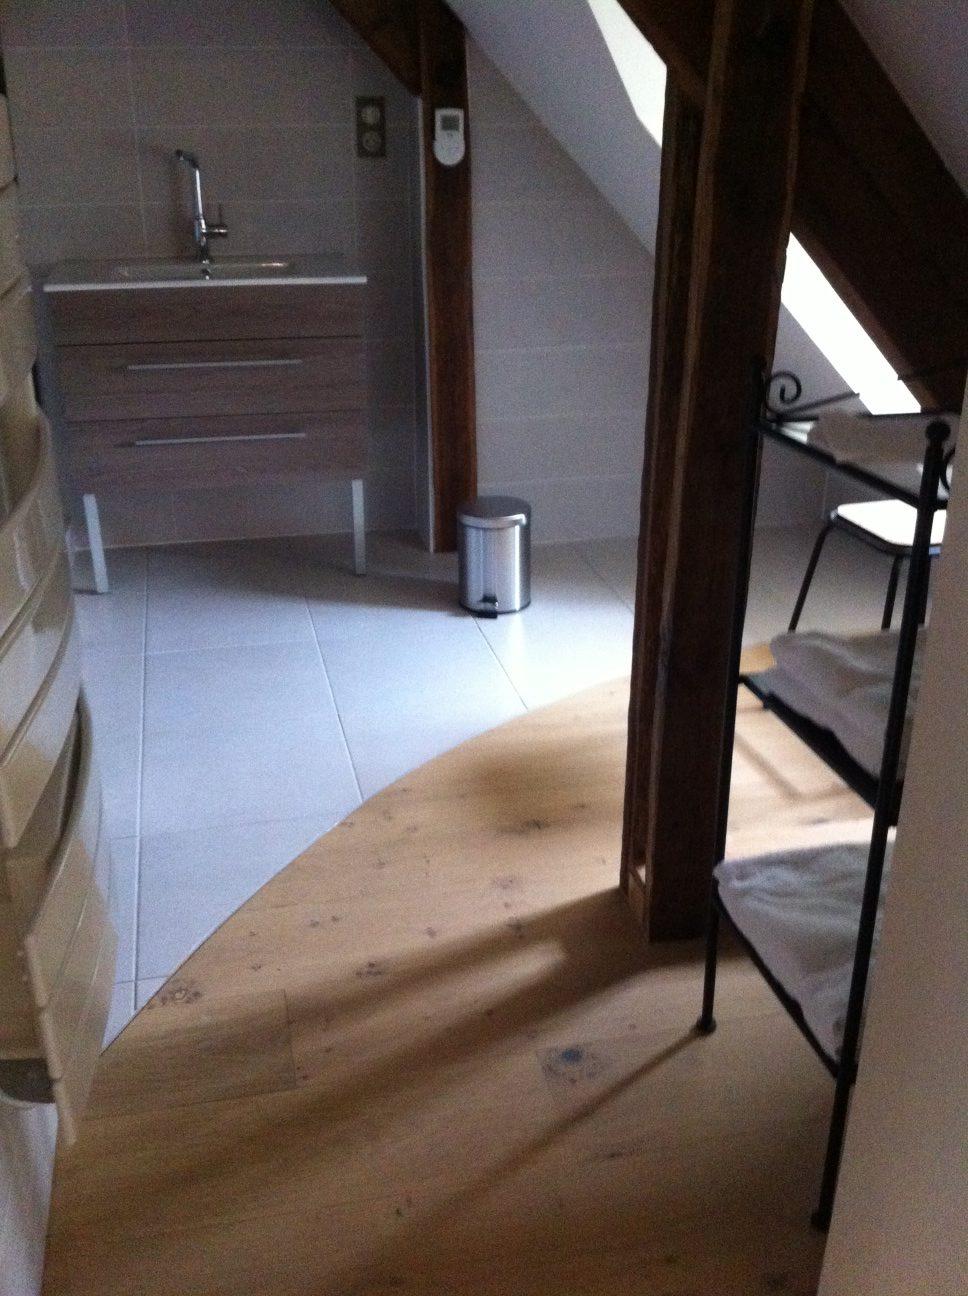 rénovation château 18ème siècle, fenêtres, parquets, isolation, huisseries, mezzanine, escalier sur mesure, parquet original, parquet chêne